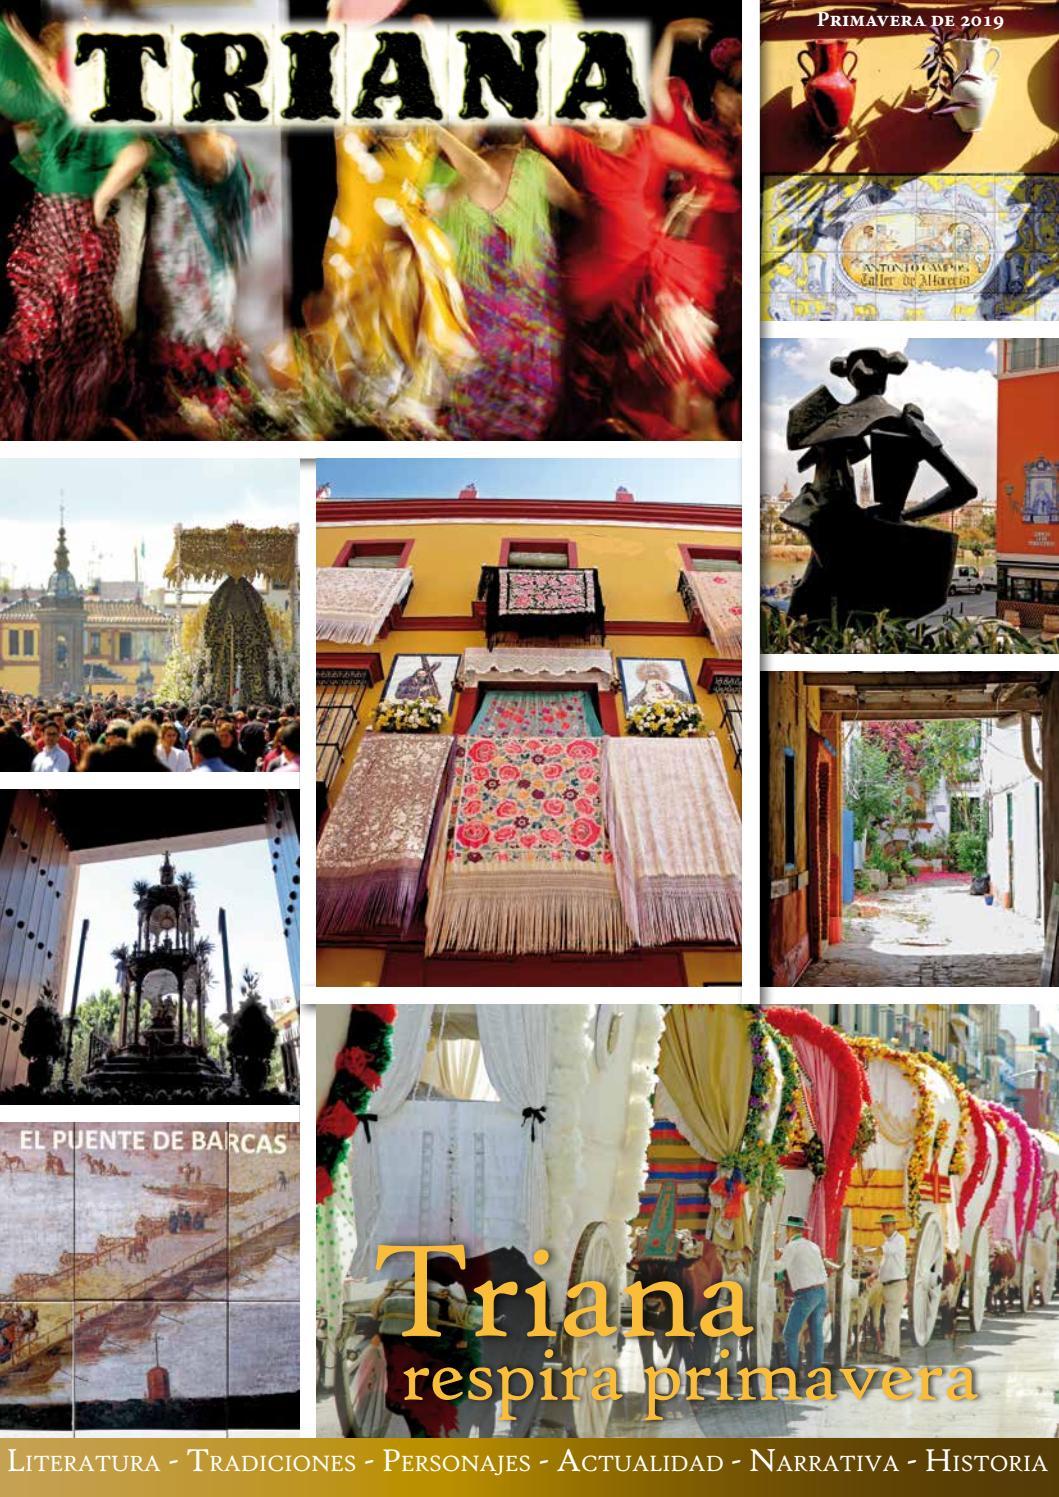 sala de estar de marfil concordia Revista Triana Primavera 2019 By Ayuntamiento De Sevilla